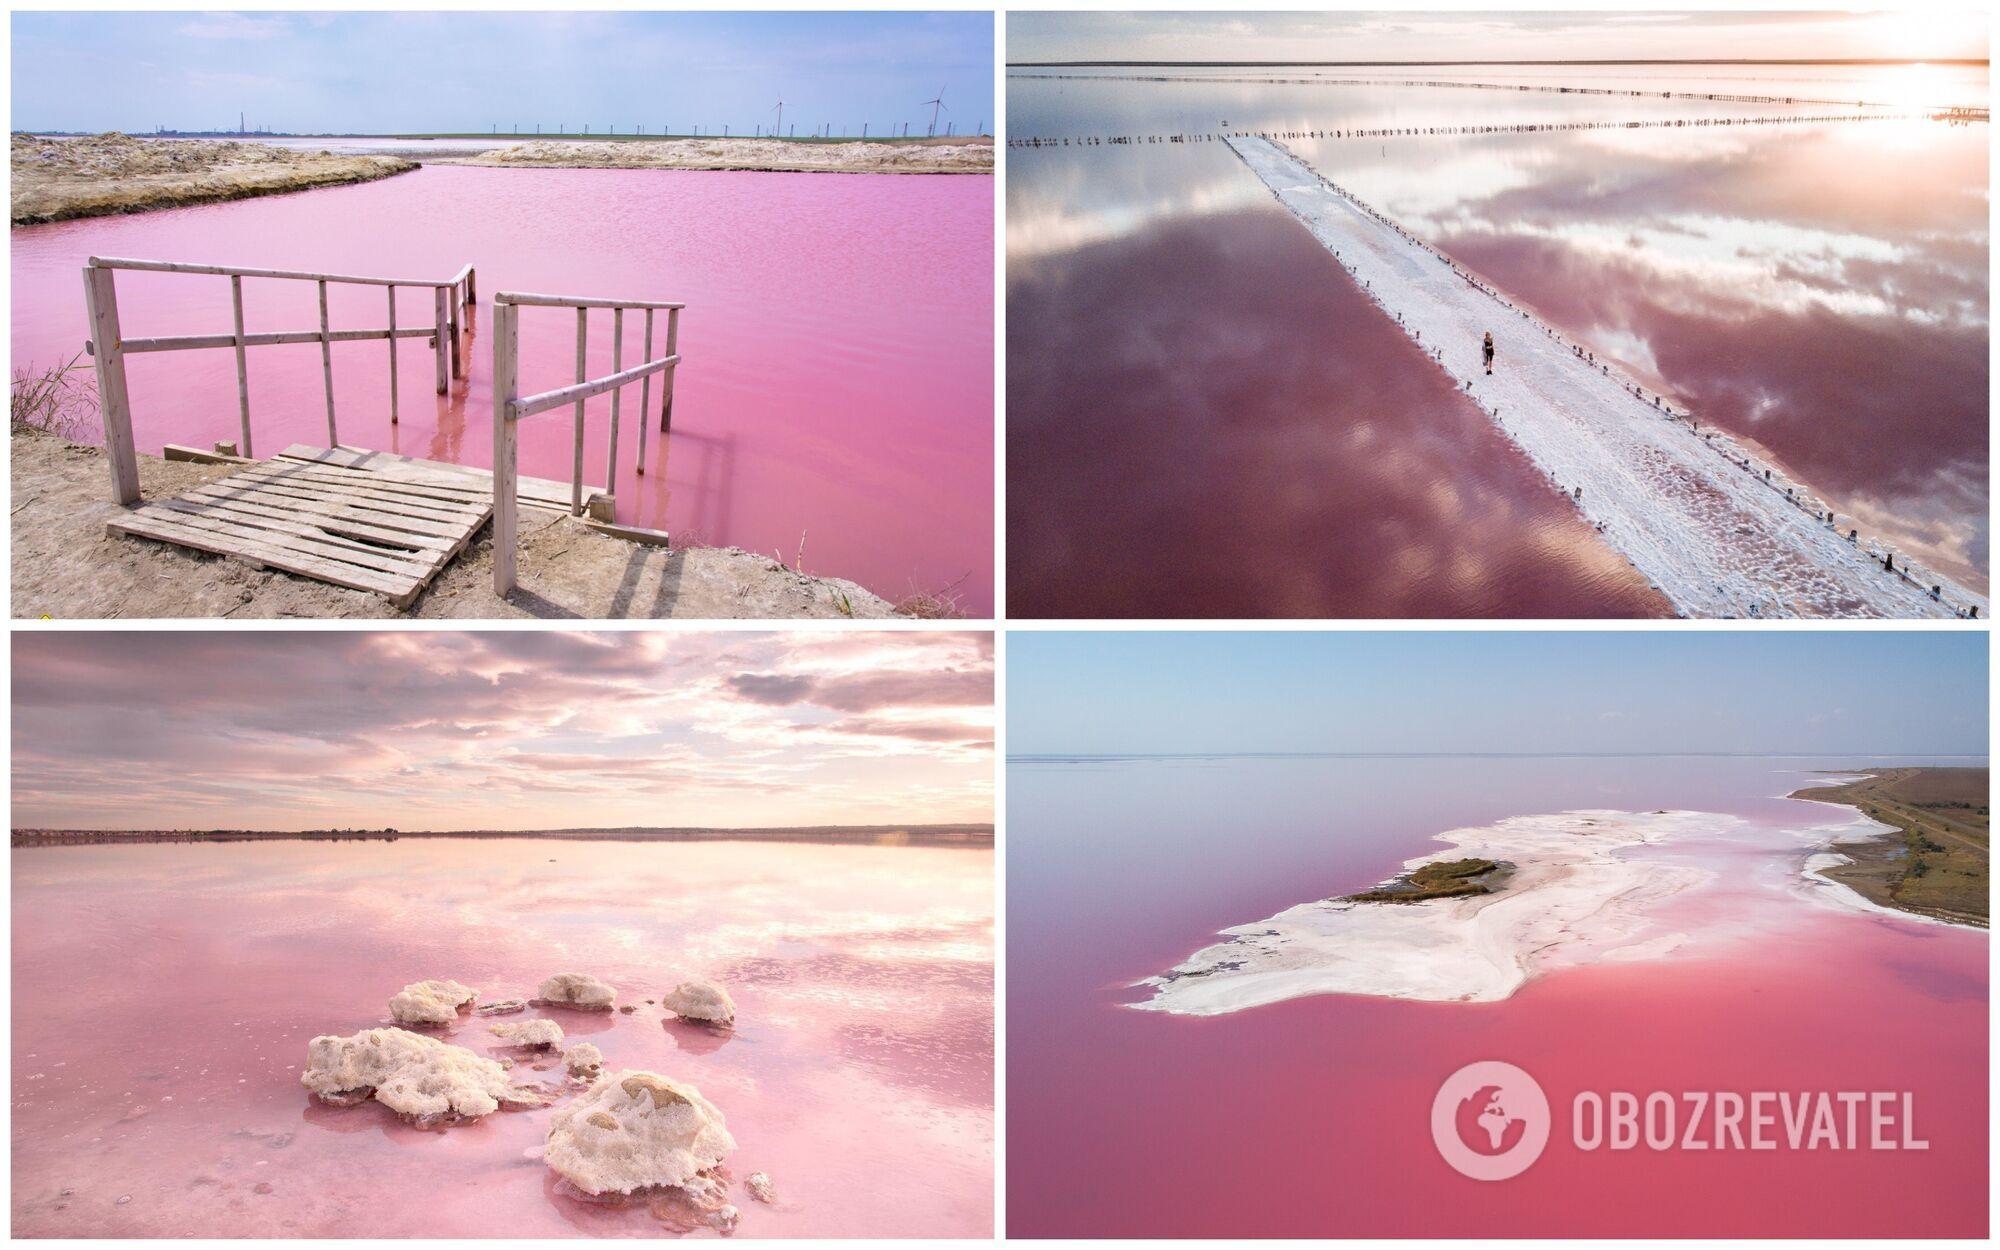 В Лемурийском озере на 5% больше соли, чем в Мертвом море